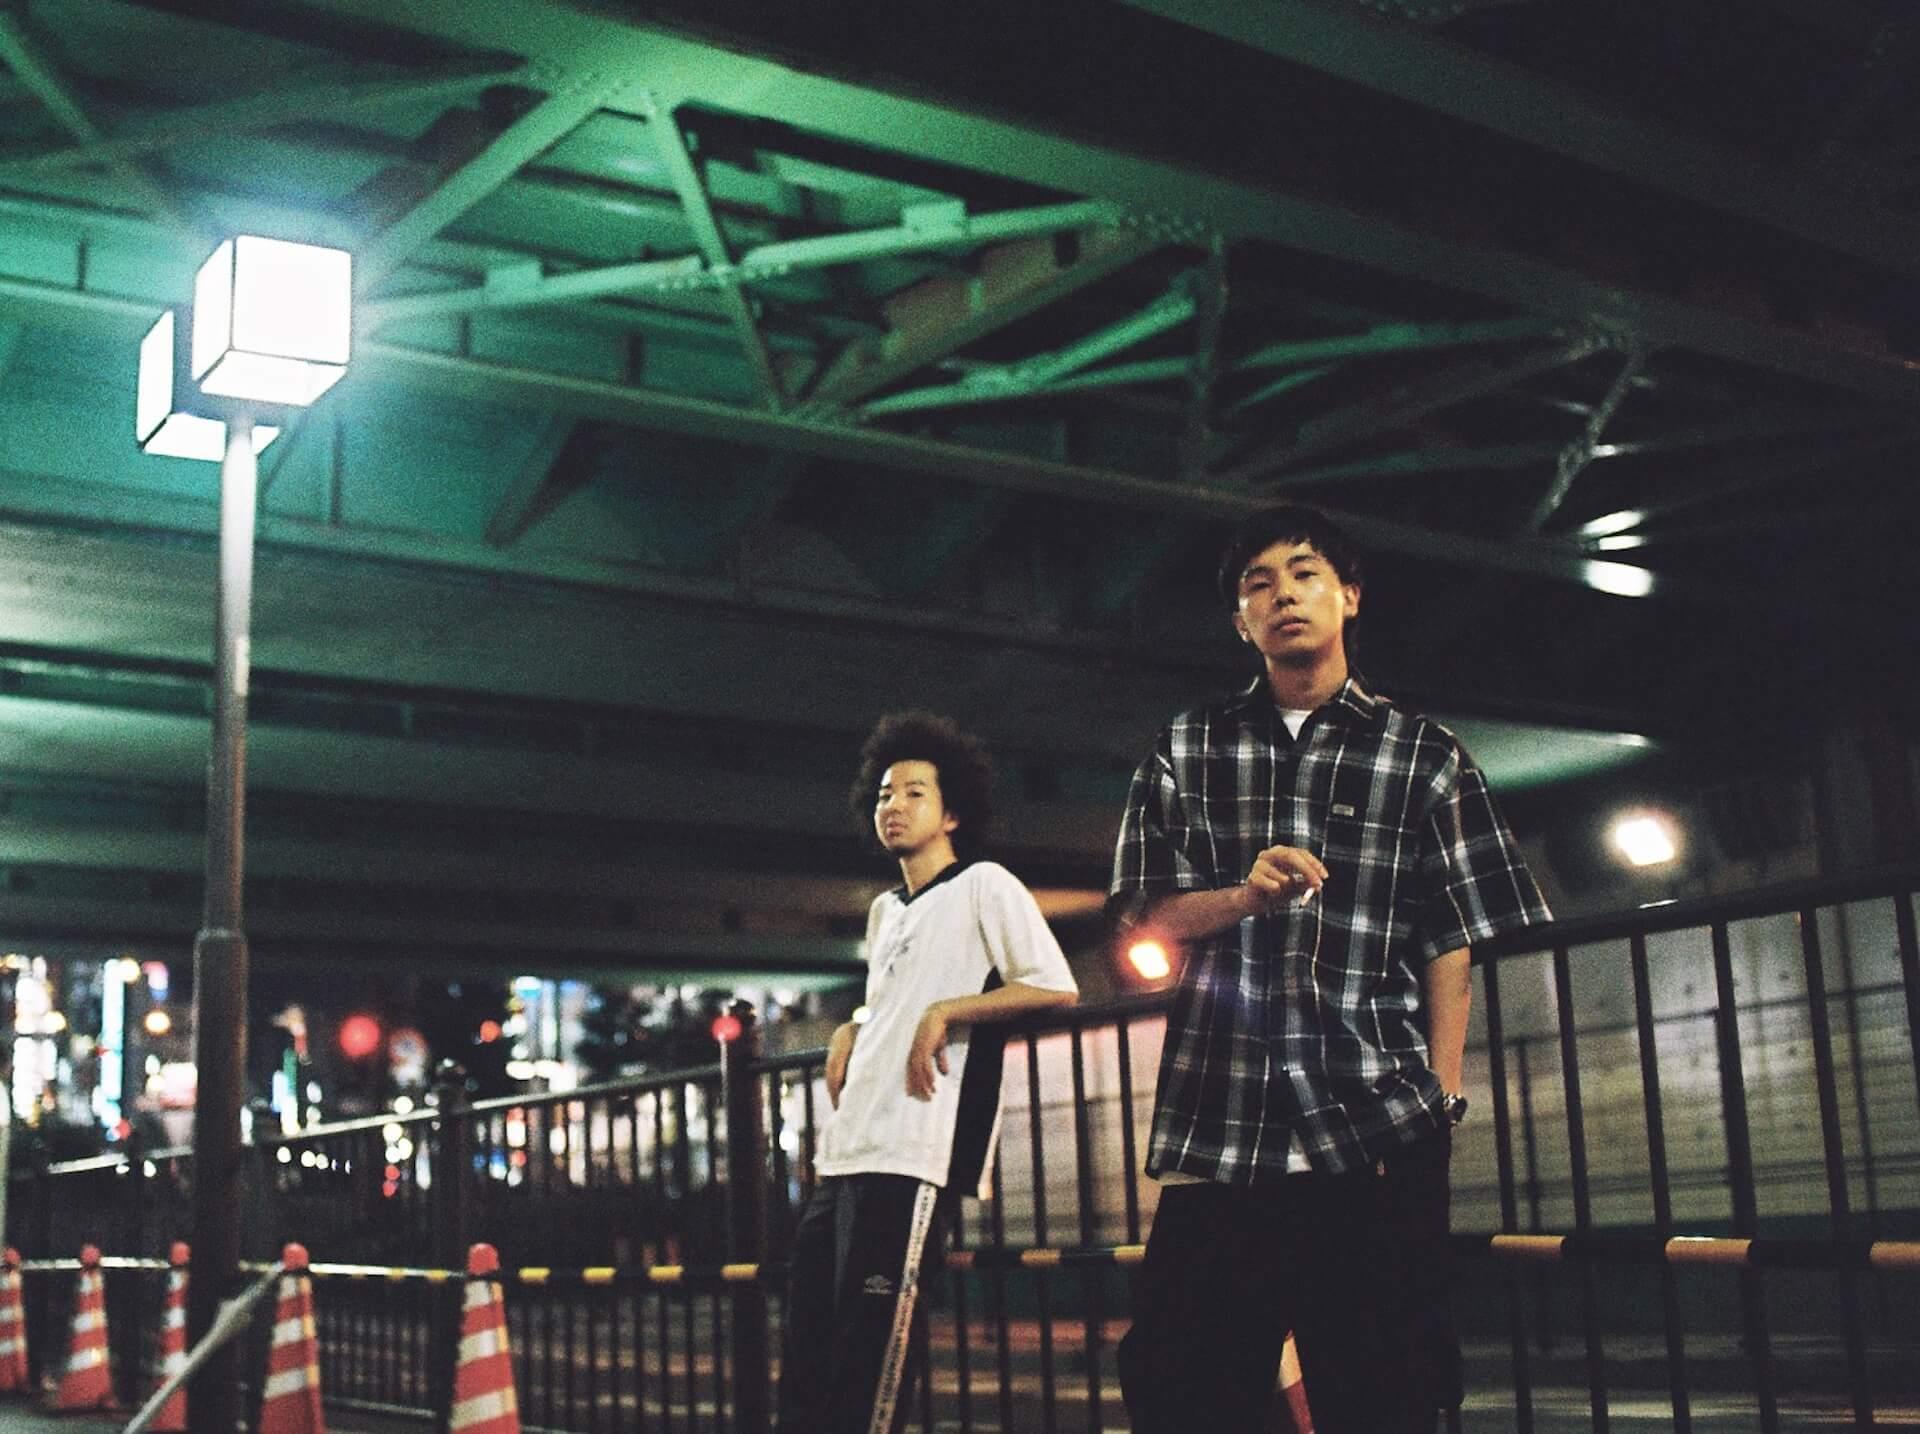 Aru-2とNF Zesshoのジョイント・アルバム『AKIRA』から「All Friends」の先行配信が本日よりスタート!Kunieda Shintaroの手掛けた同曲のティーザーも公開 music191101-nfzessho-aru2-akira